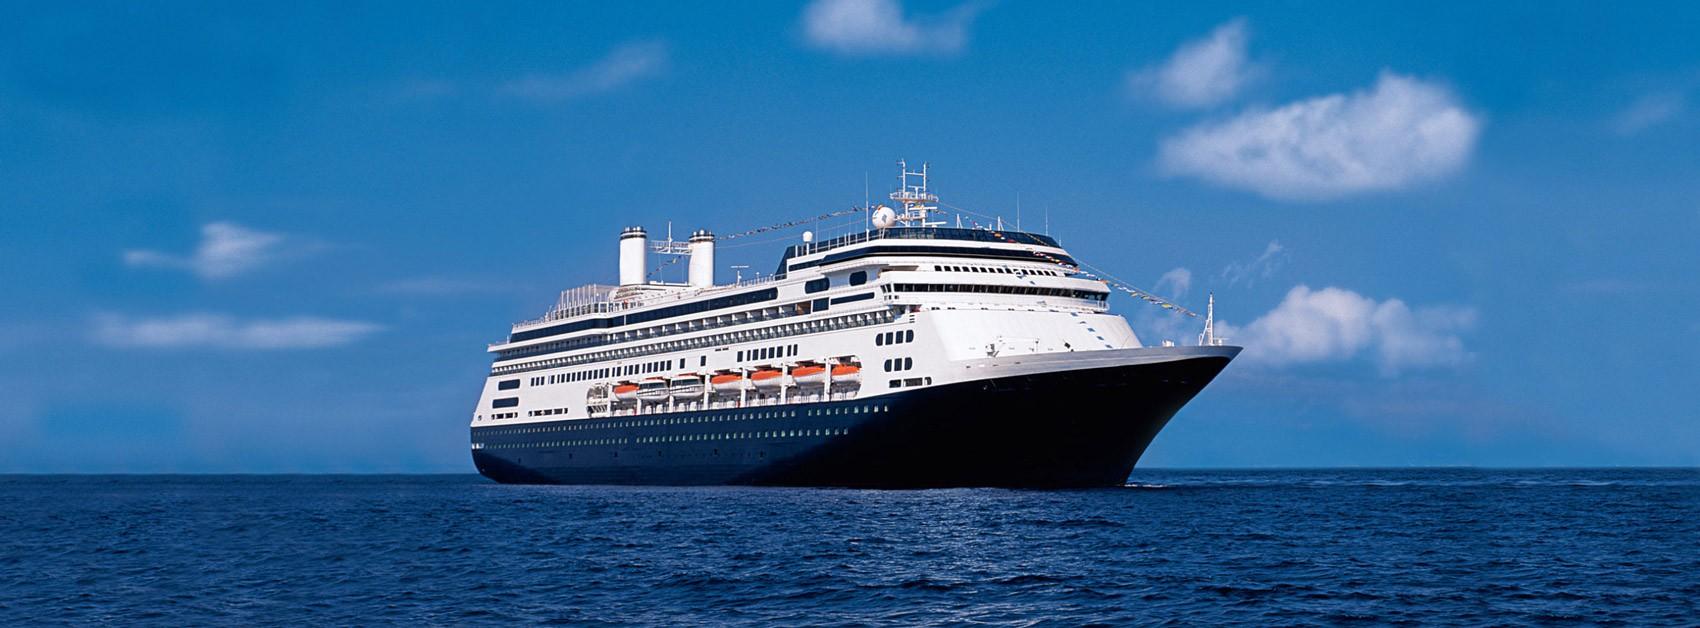 Bolette - Fred. Olsen Cruise Lines